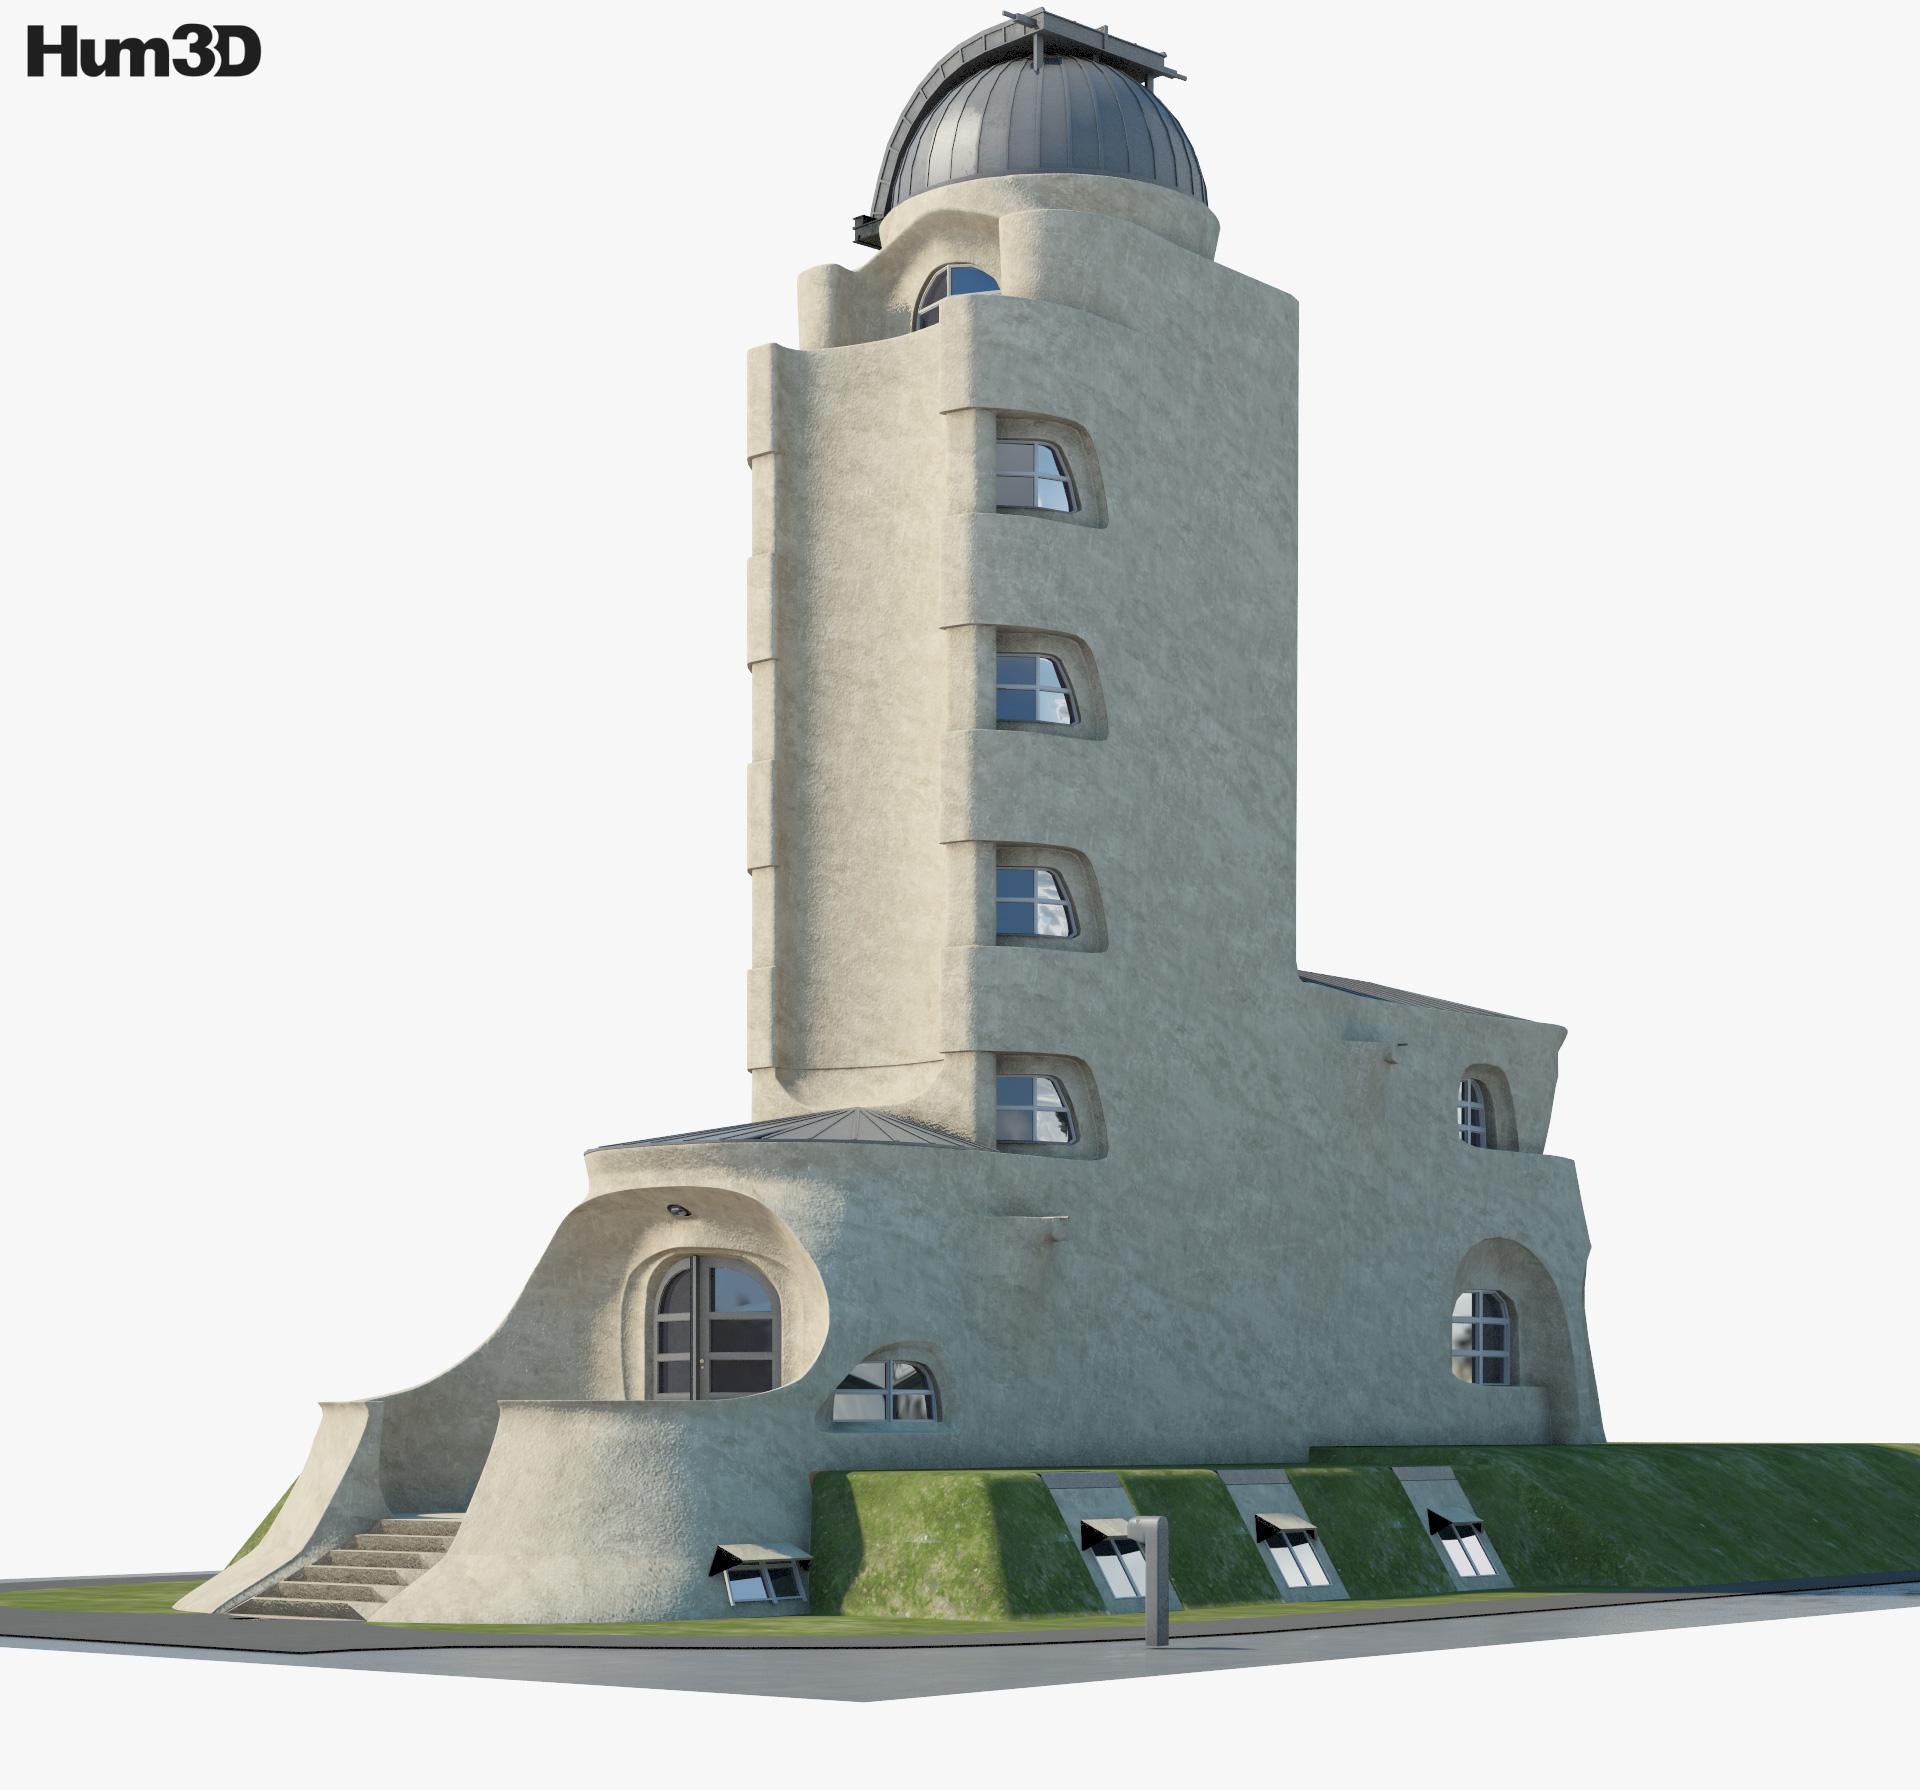 3D model of Einstein Tower